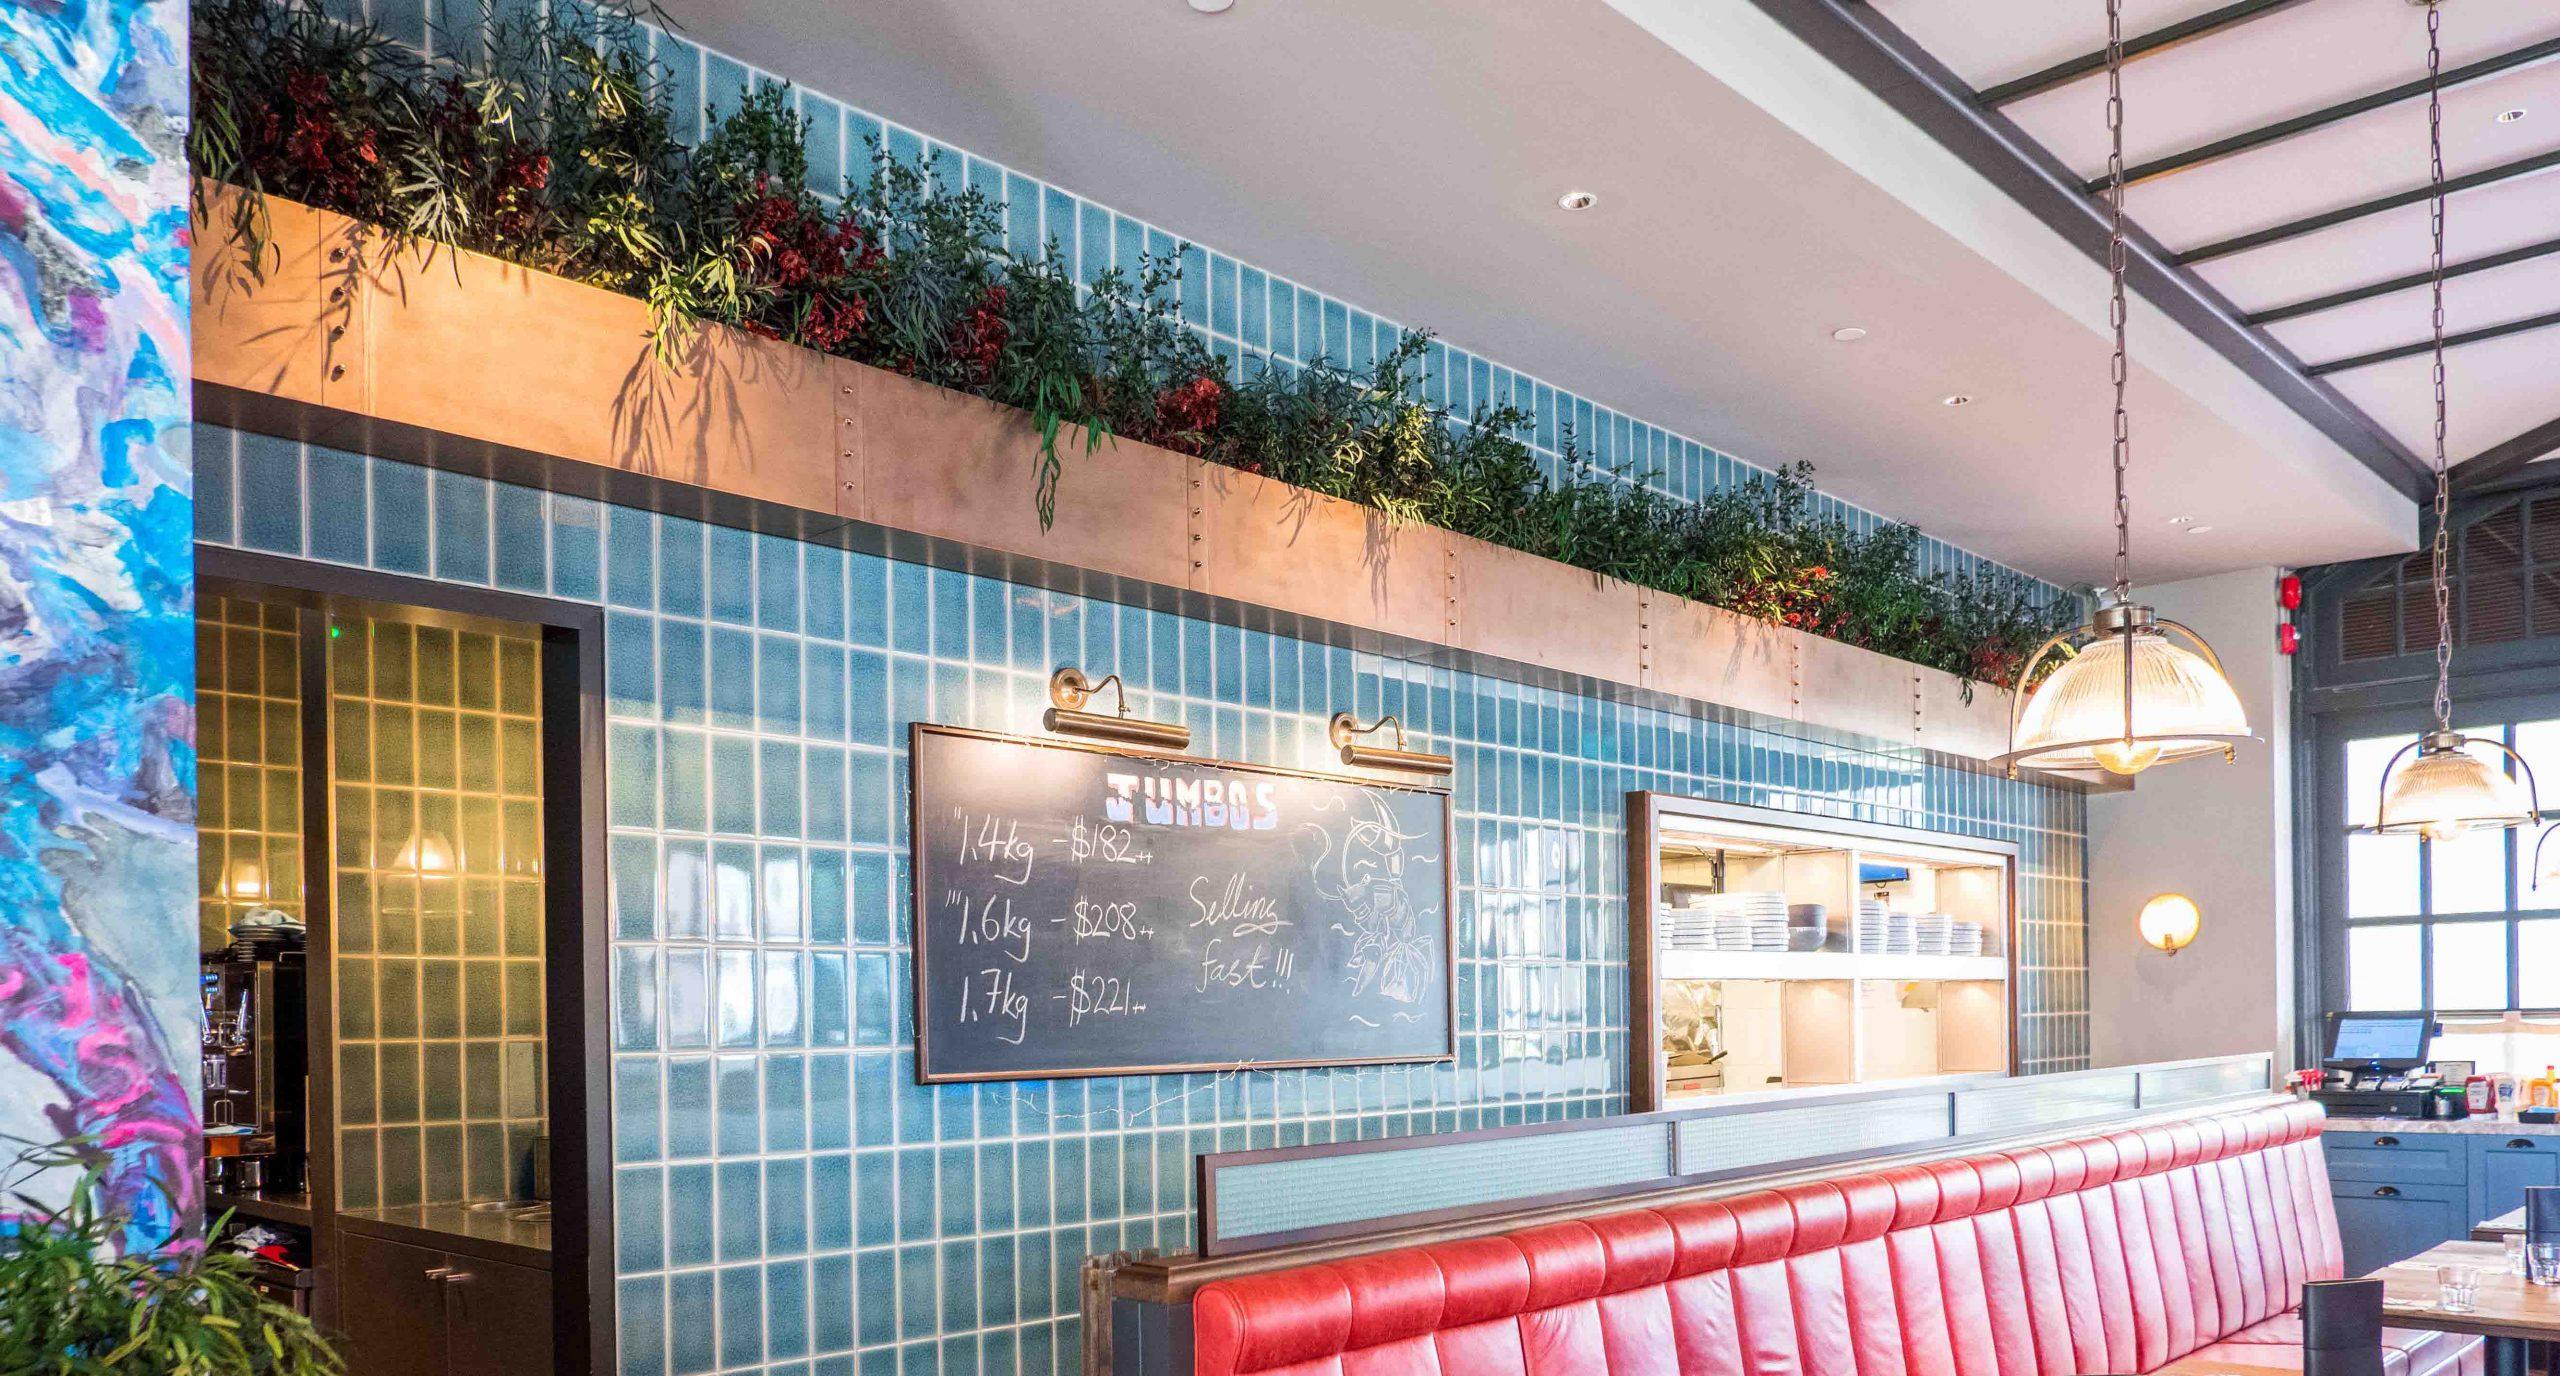 Burger & Lobster Restaurant